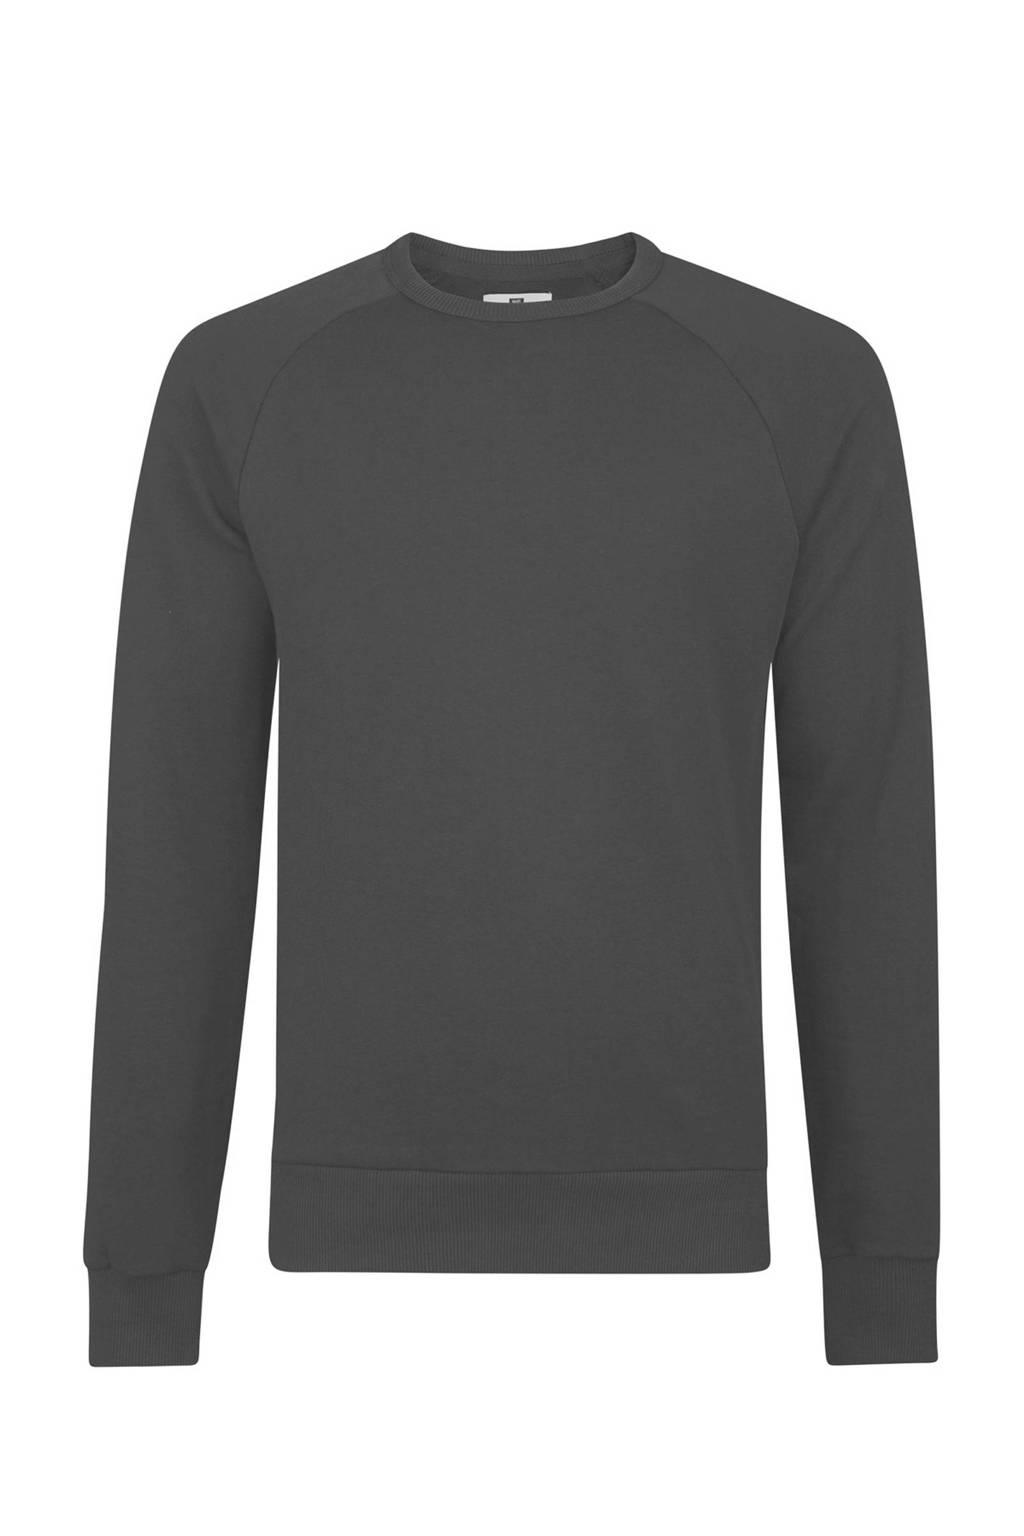 Fit We Fashion Sweater Slim Zwart SUzVMp